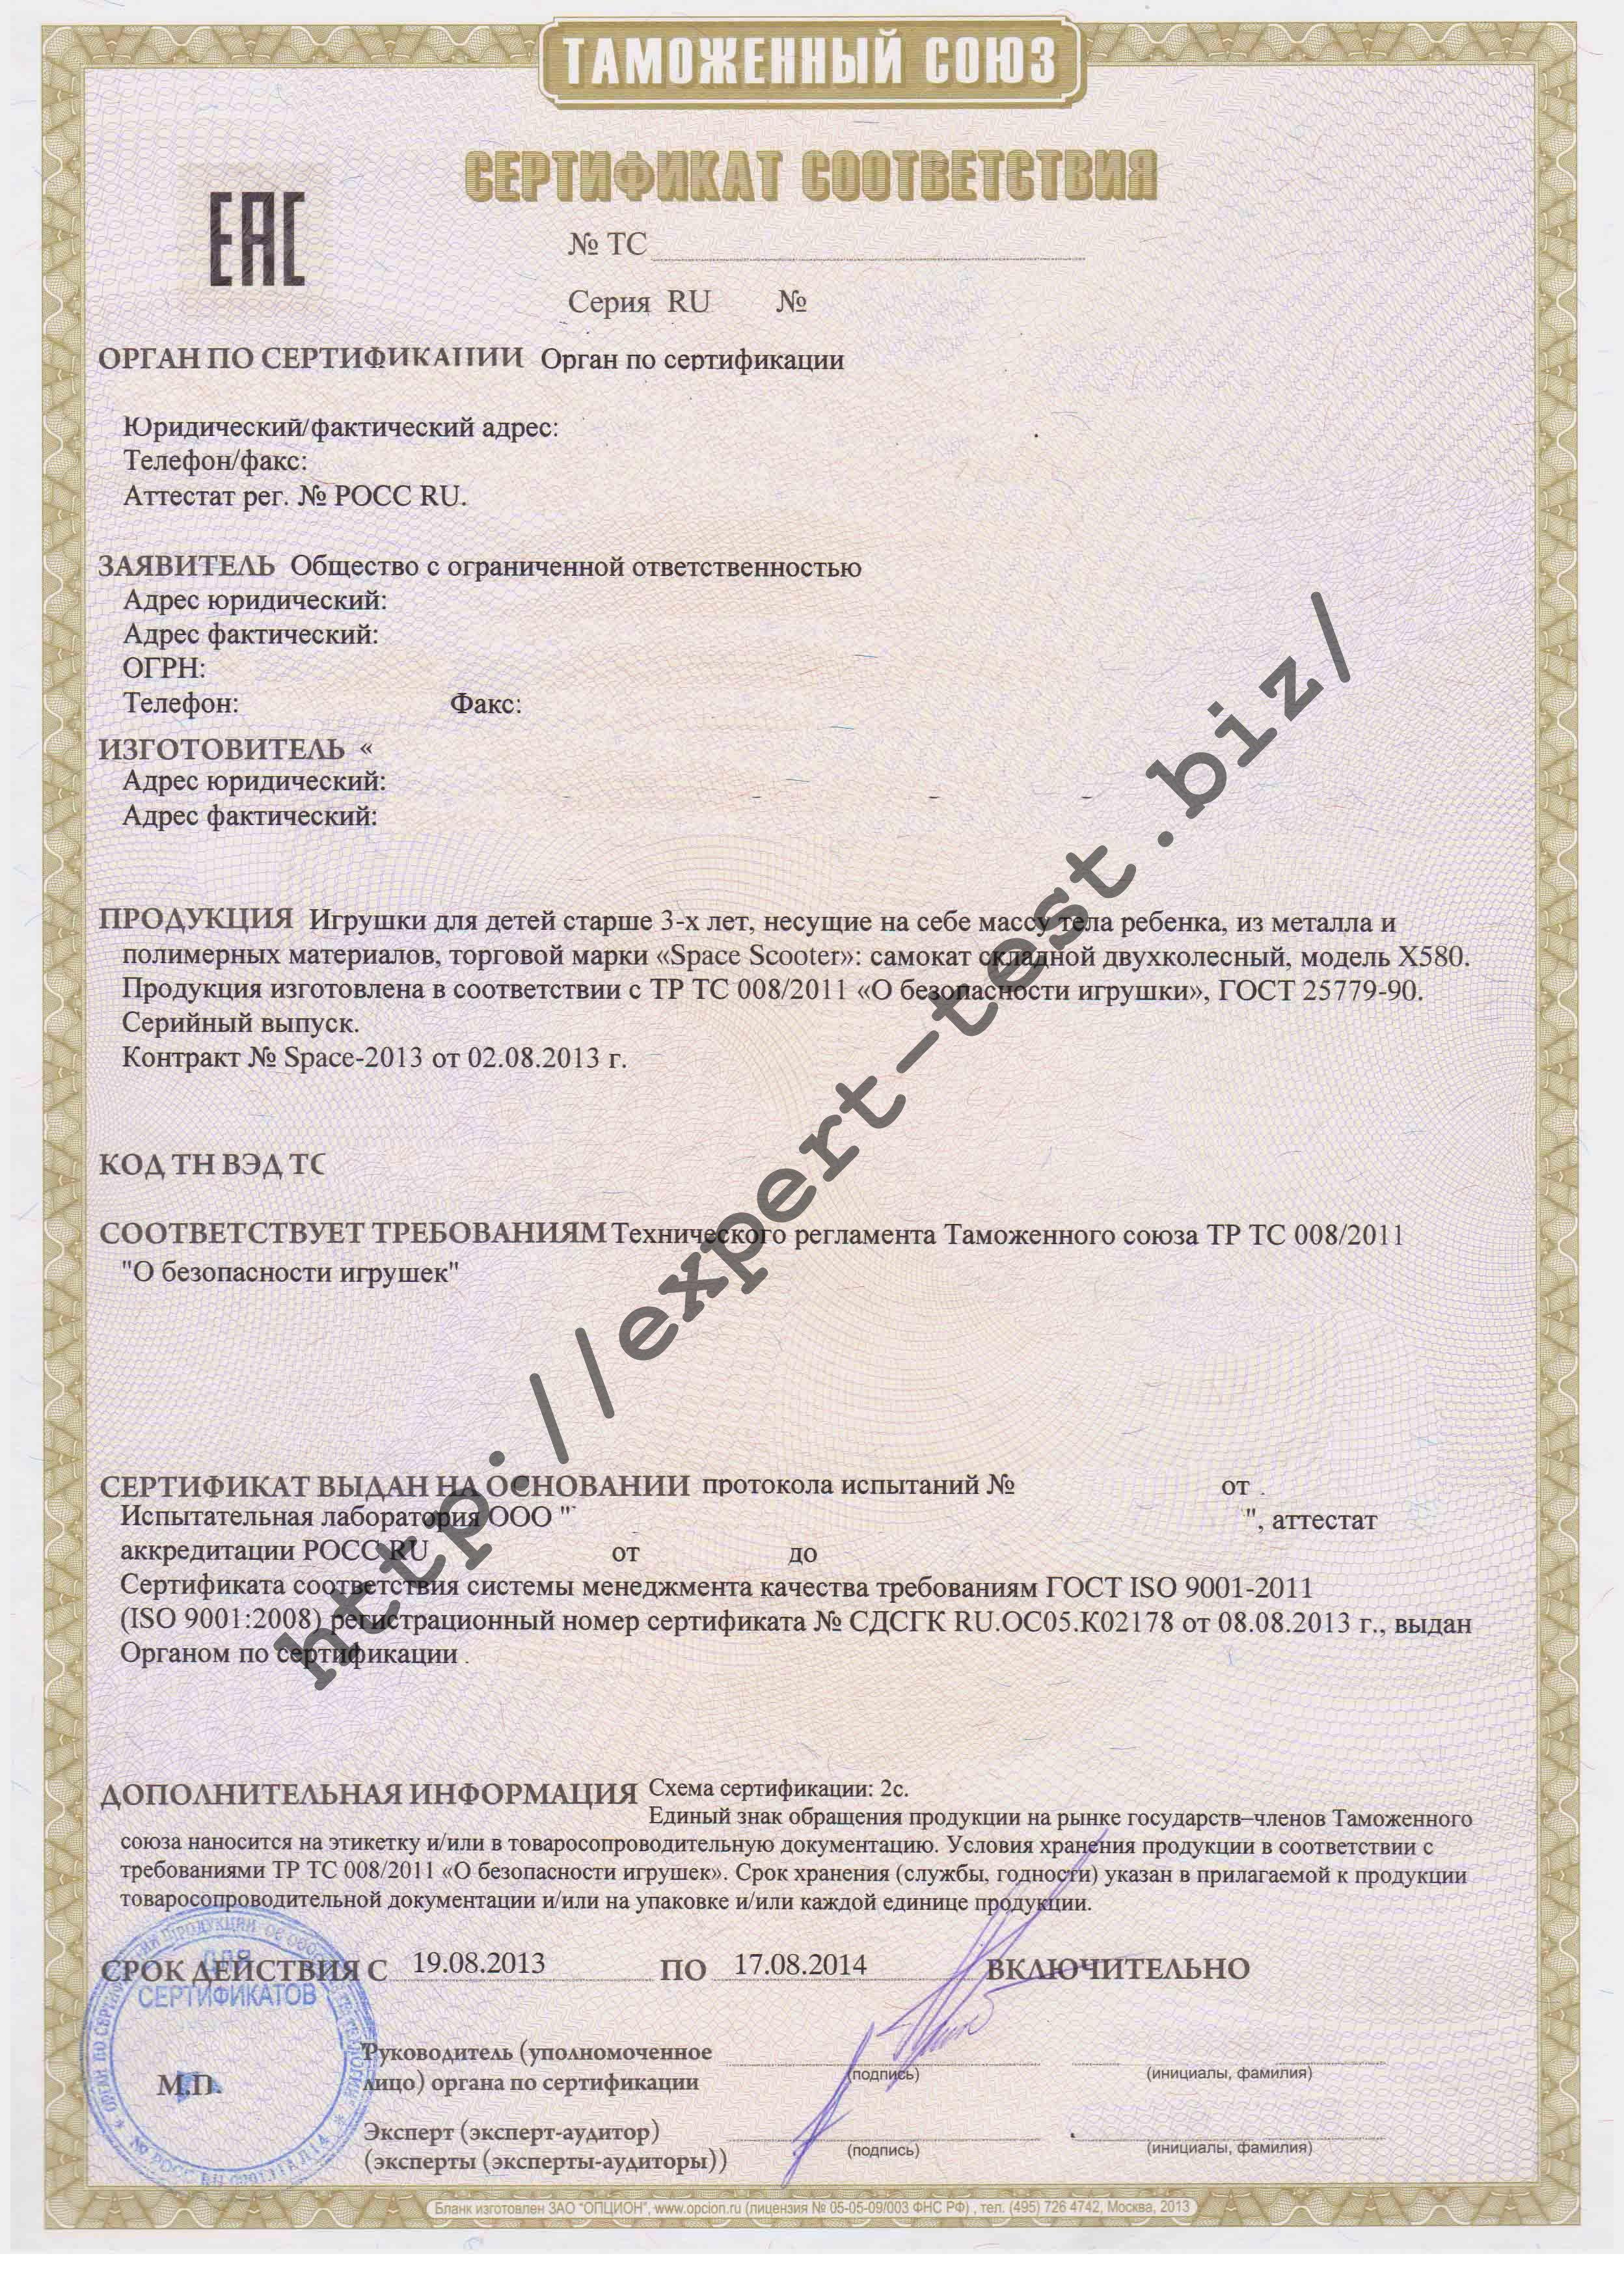 Сертификация детских игровых автоматов стандартизация и сертификация организации